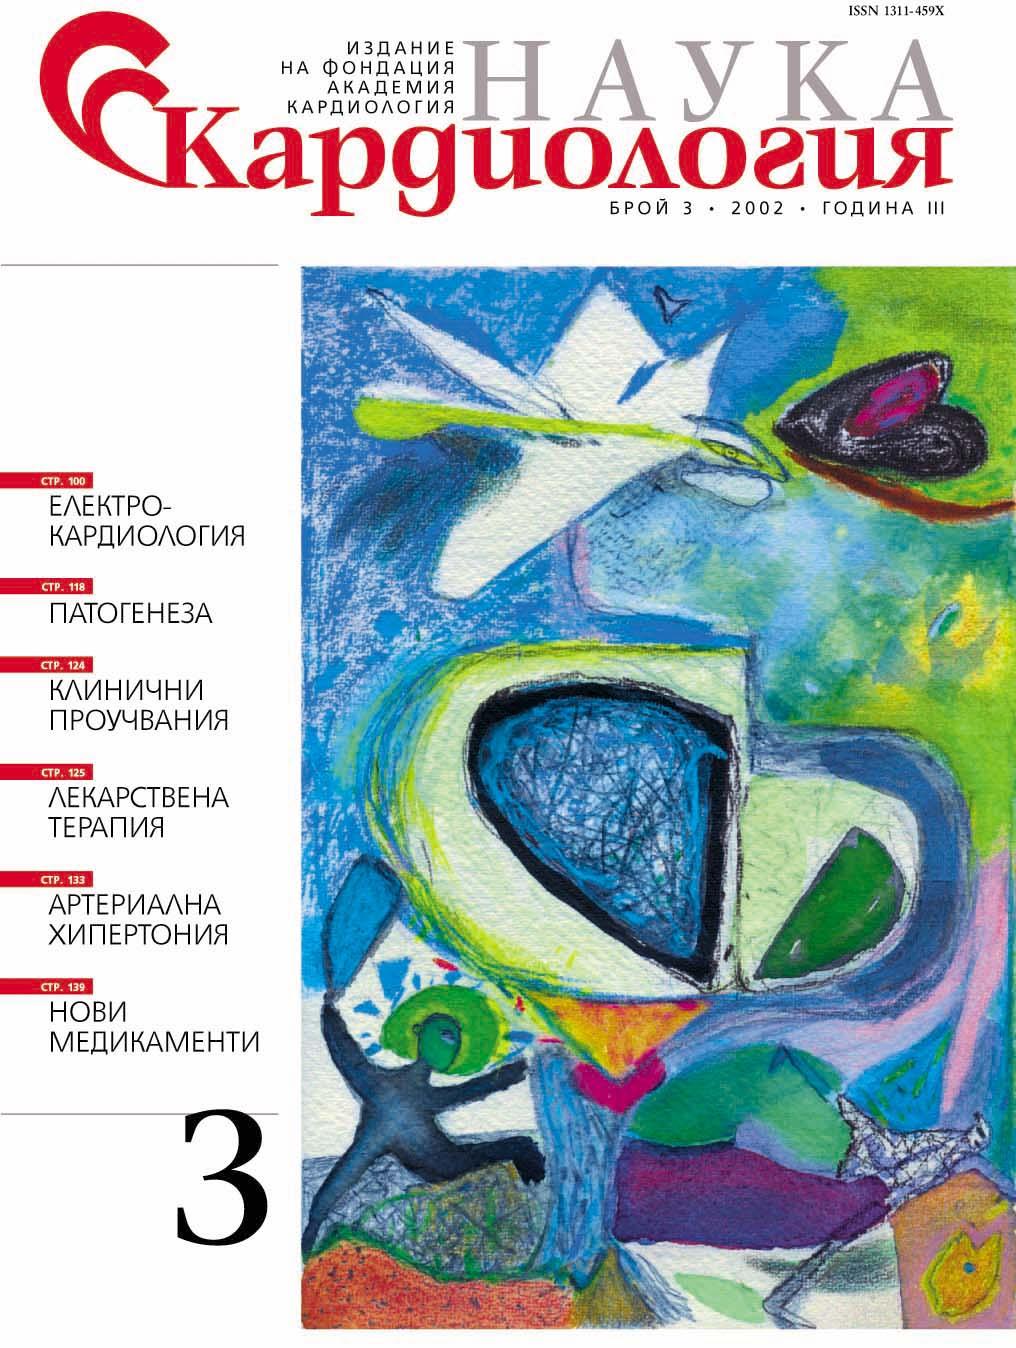 Наука Кардиология 3/2002